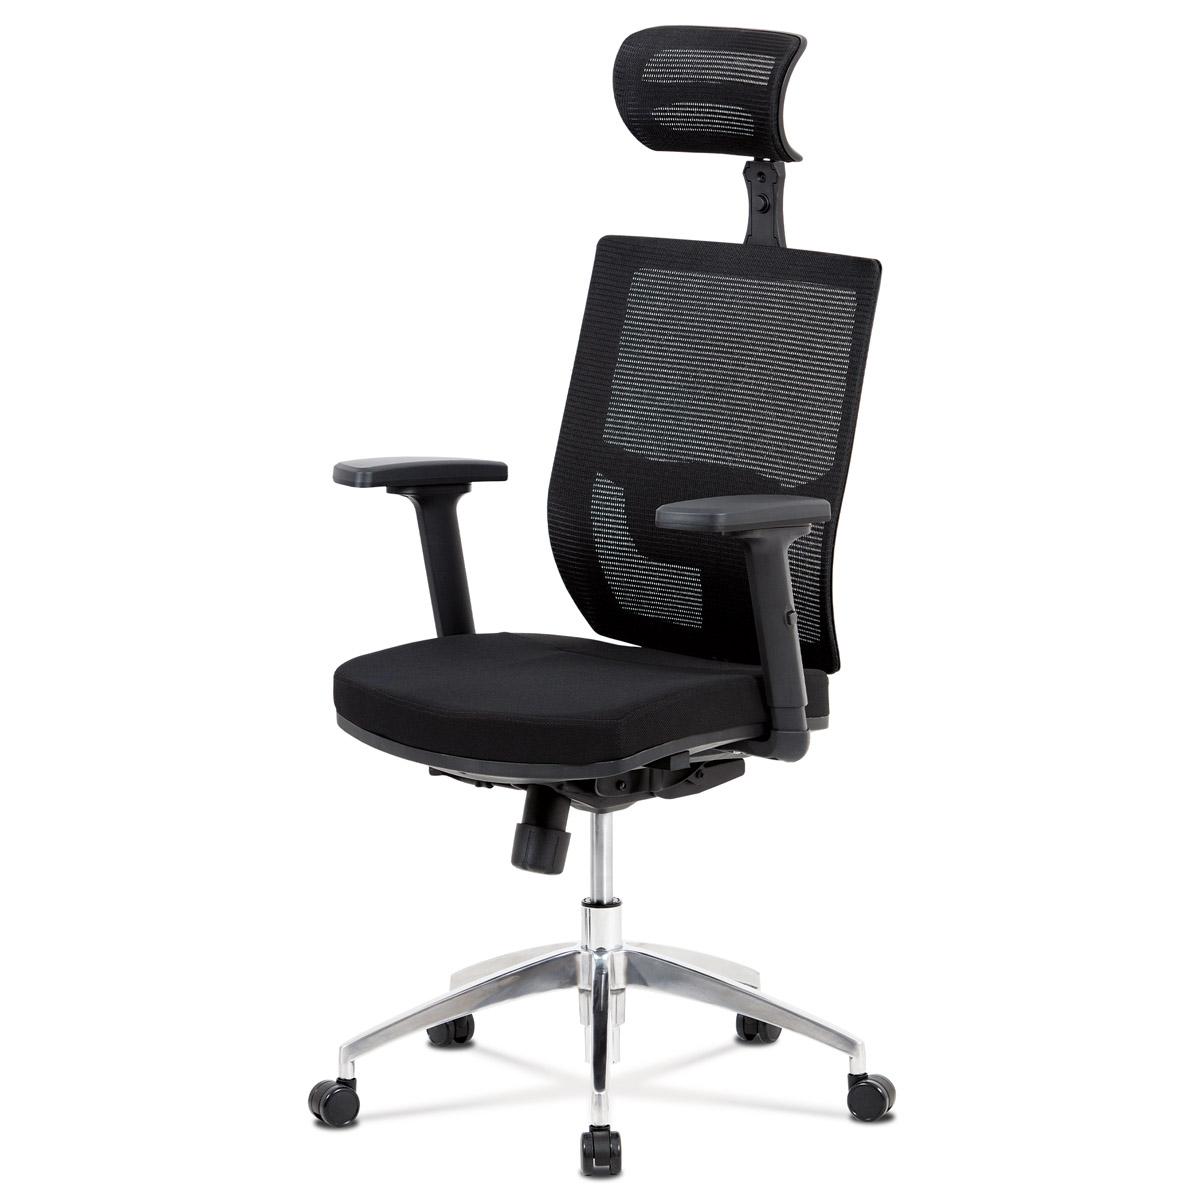 Kancelářská židle, černá látka / černá síťovina, hliníkový kříž, synchronní mechanismus